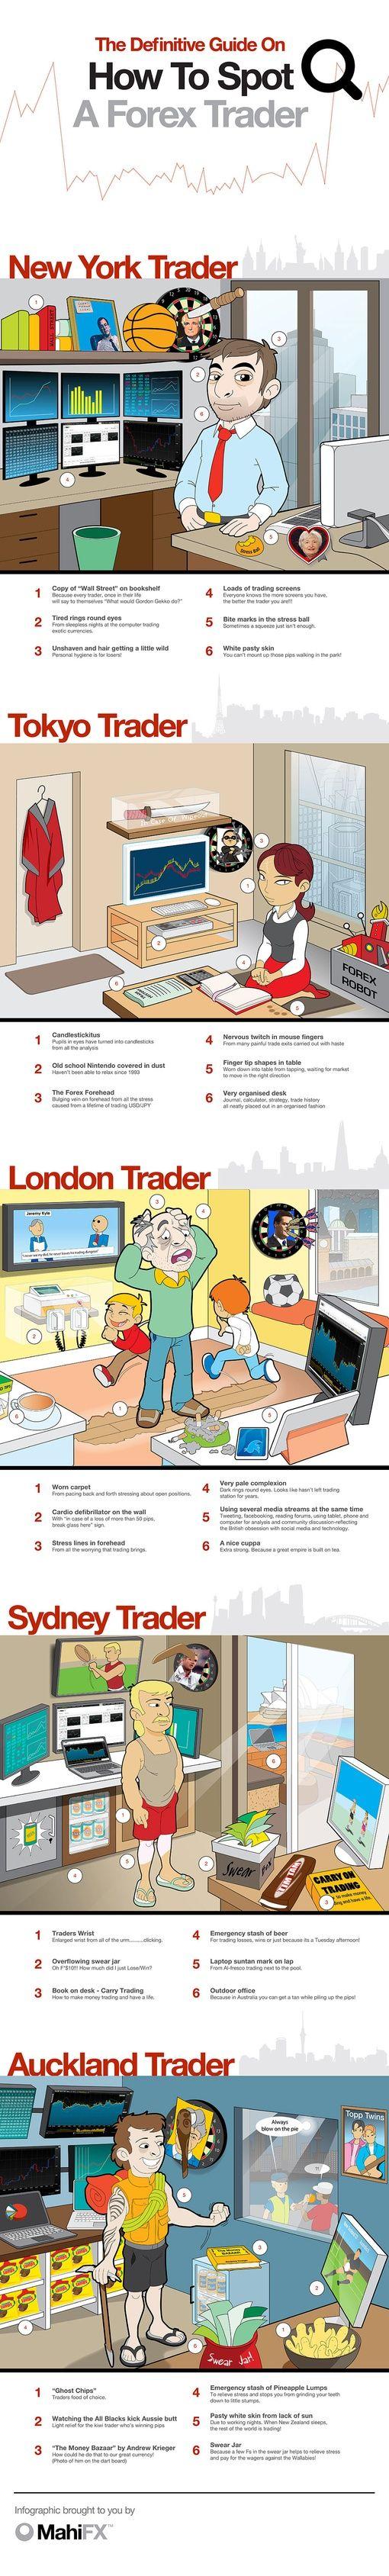 Fx spot trader london